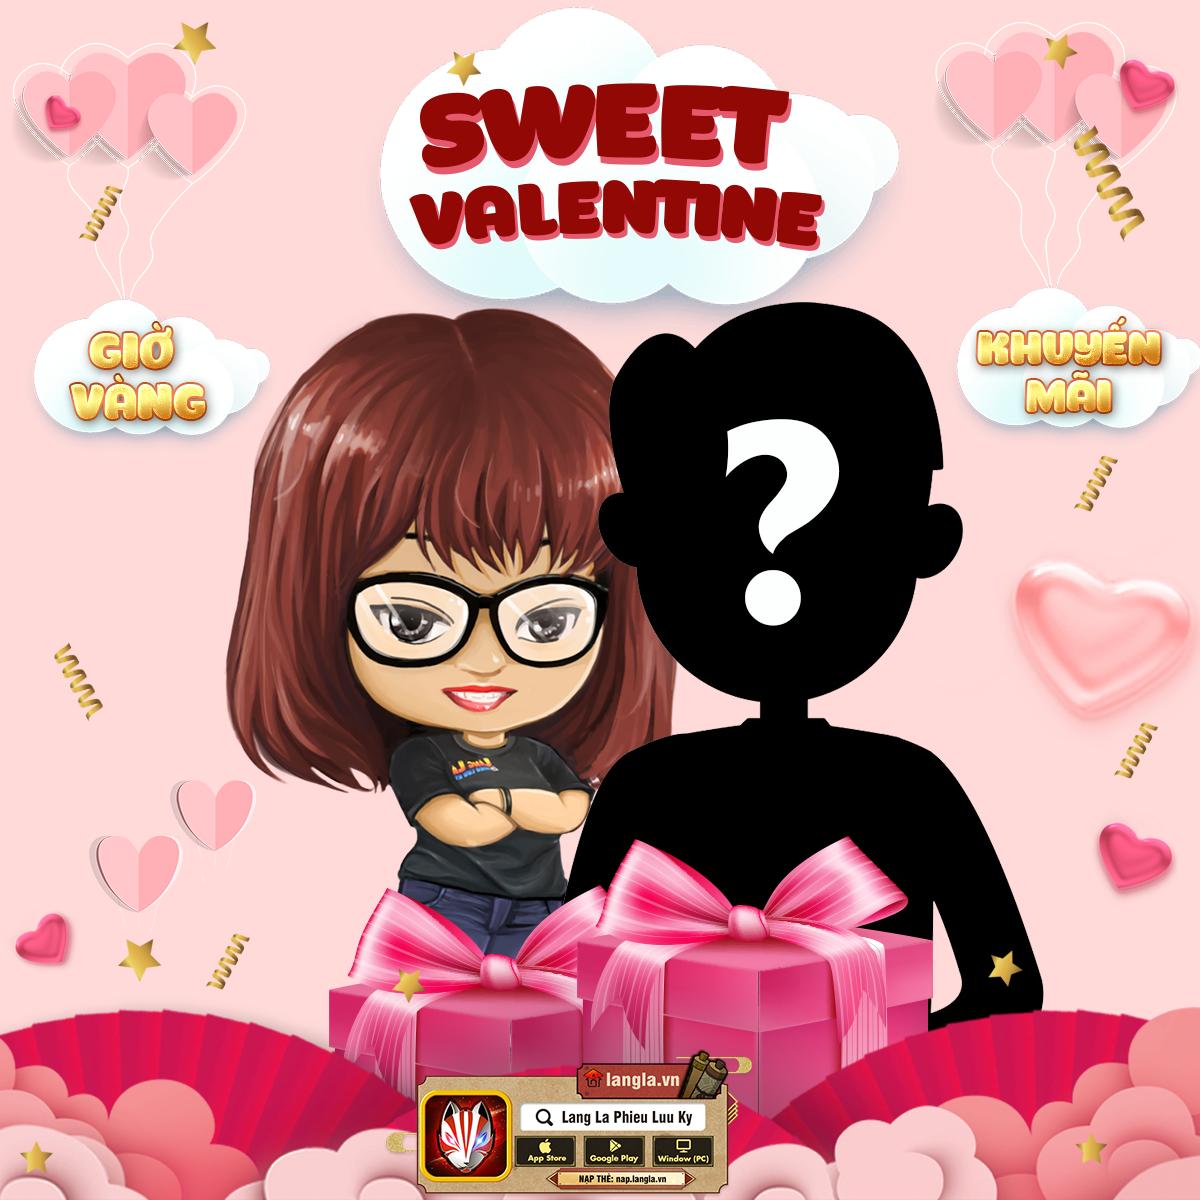 su-kien-valentine-lang-la